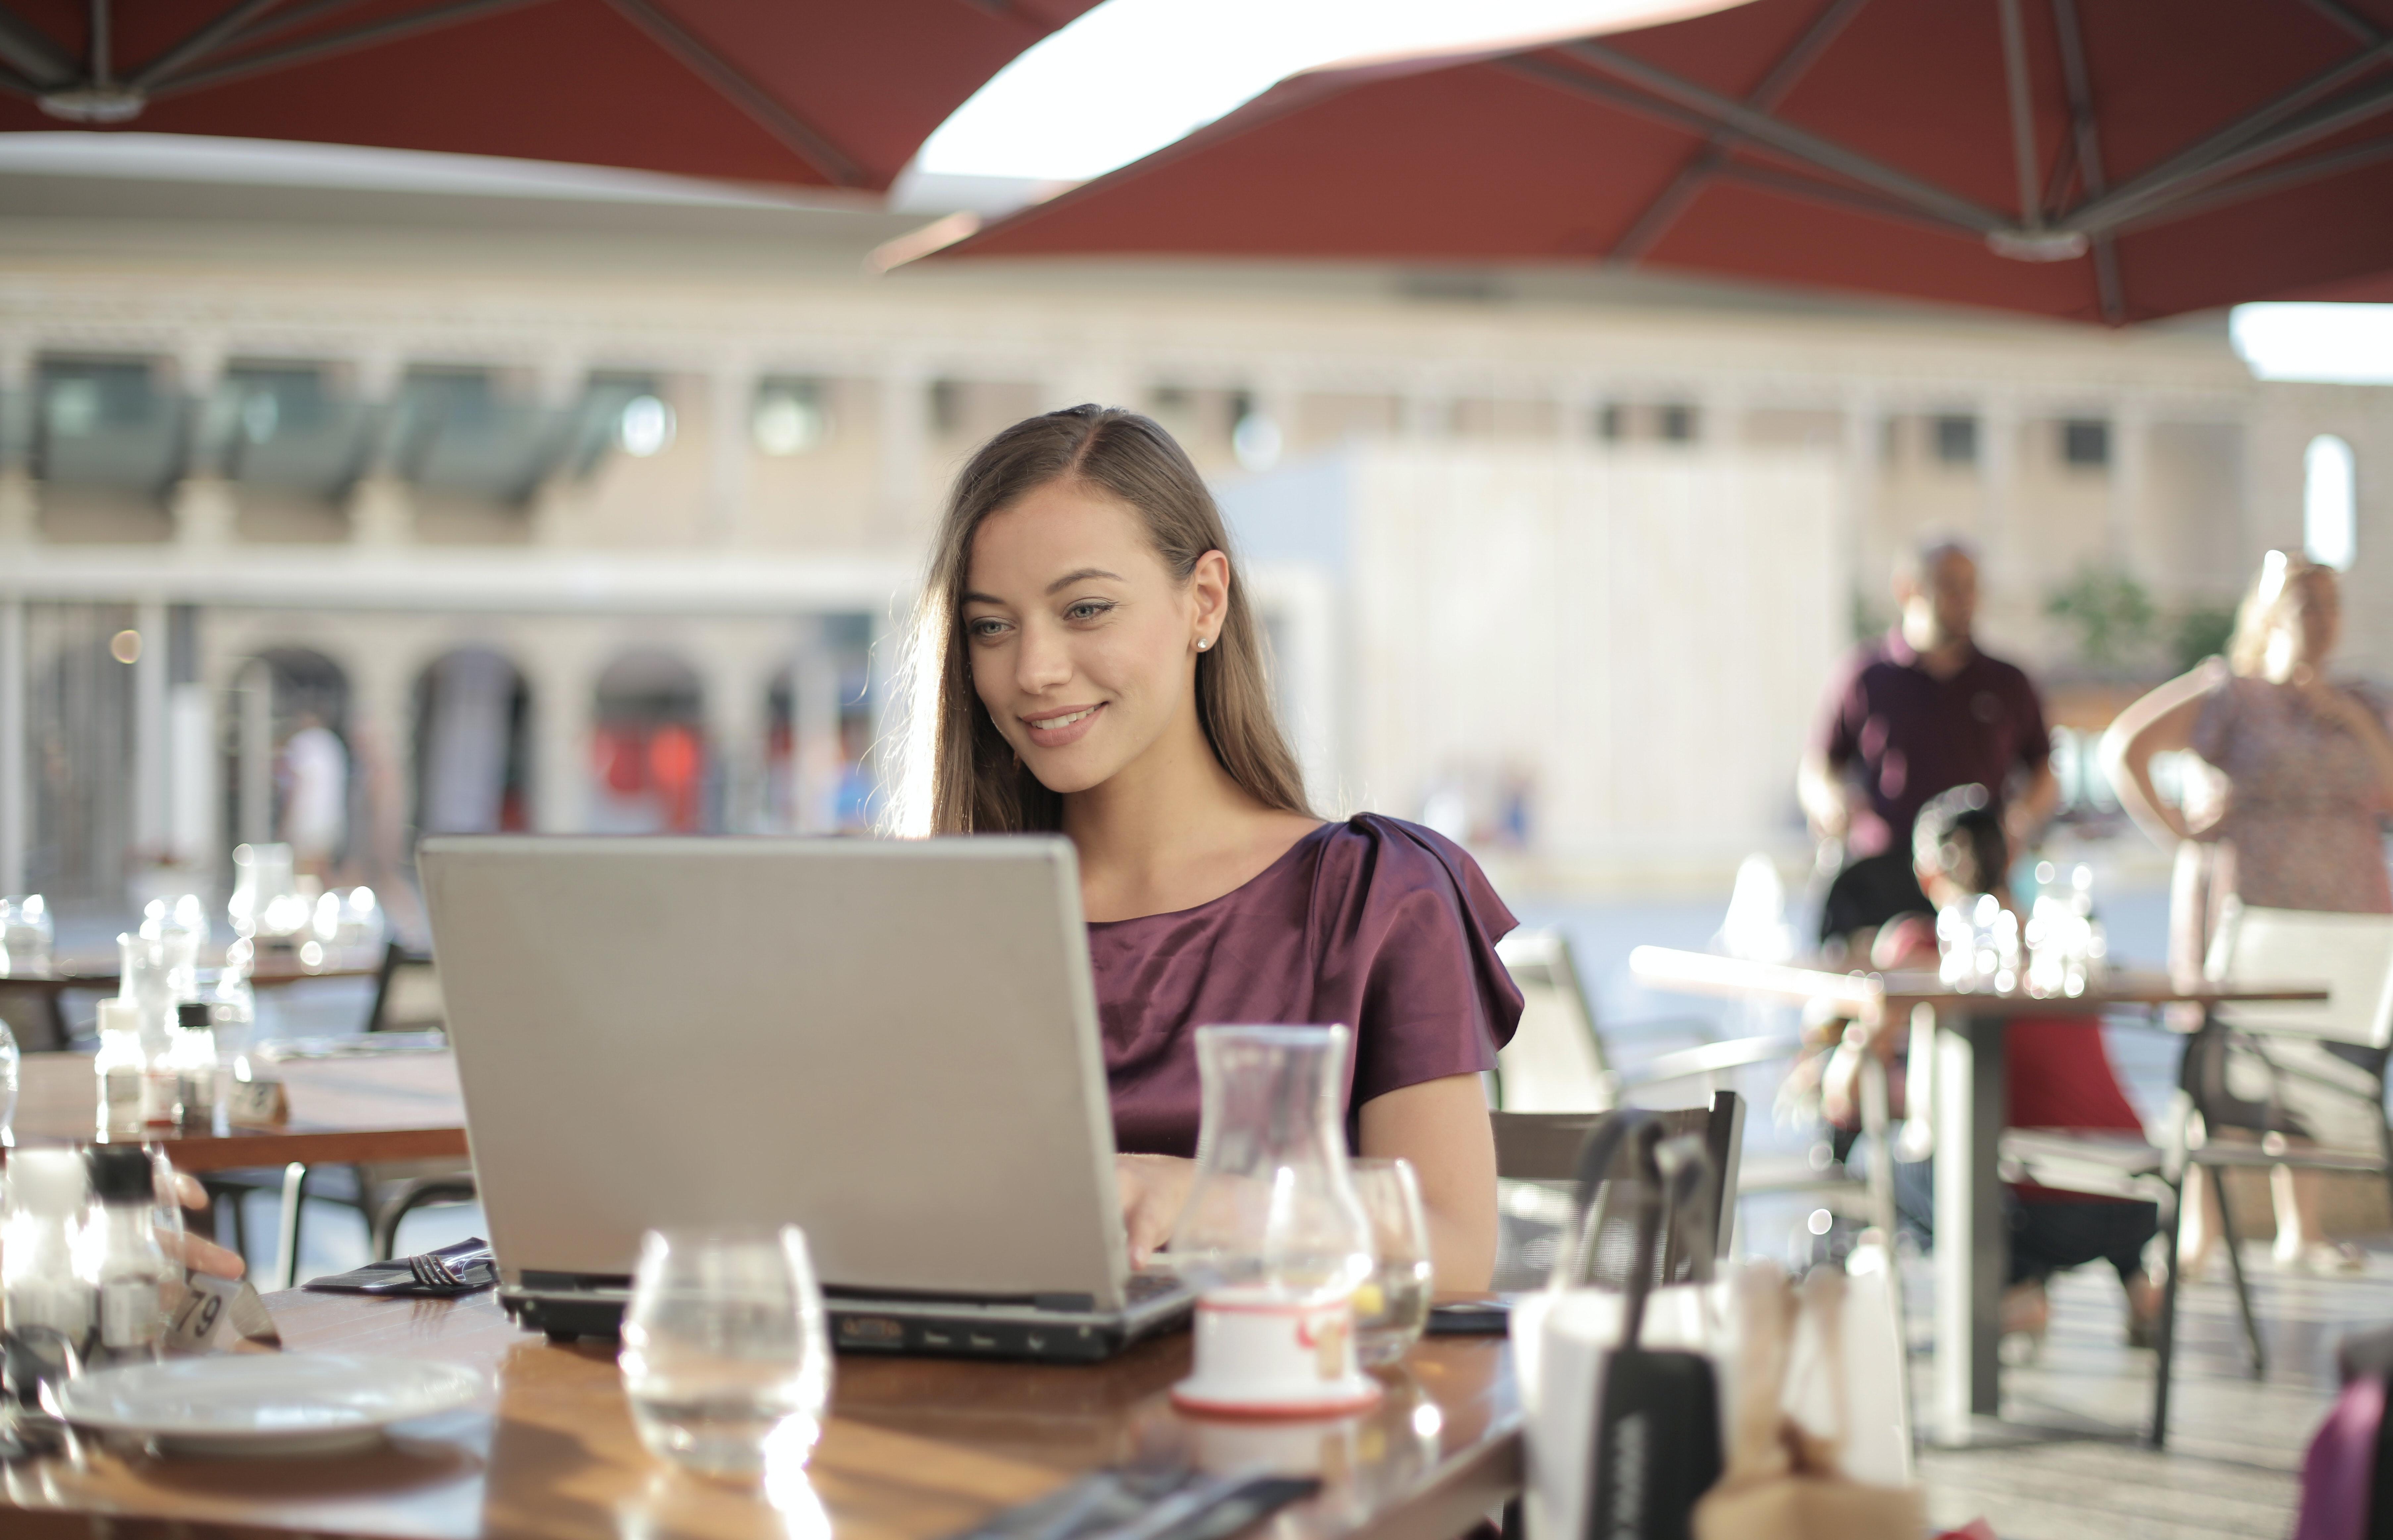 10 secretos para el balance en la vida, el trabajo y estudiar en línea